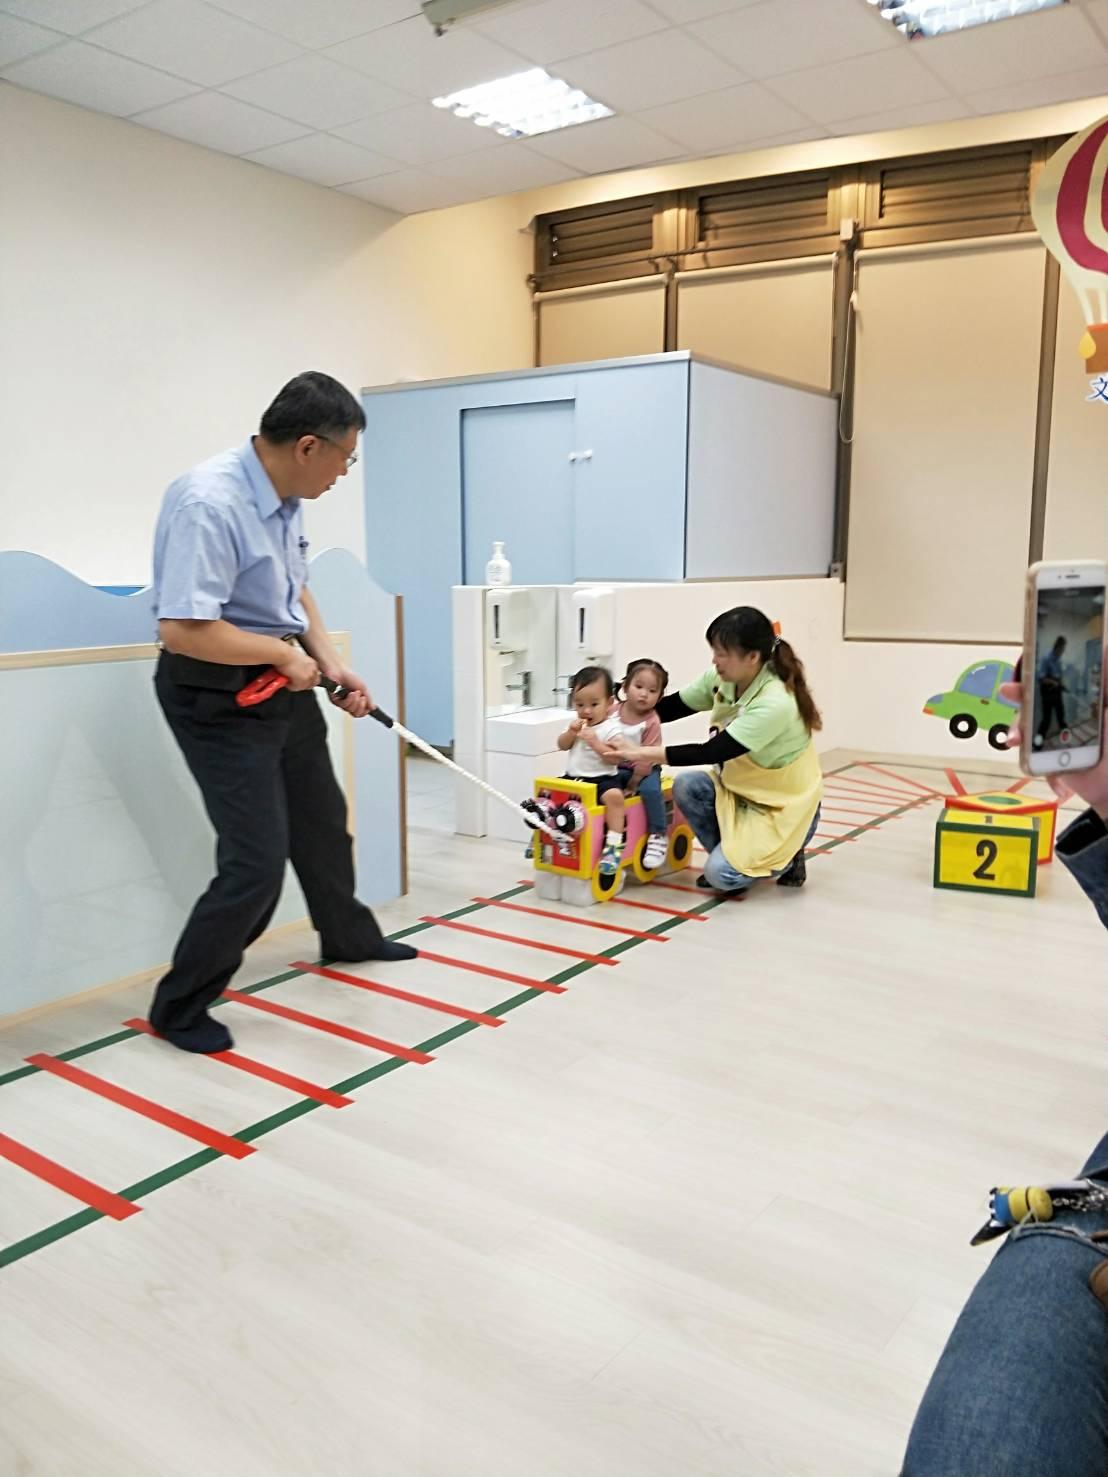 市長、社會局副局長和貴賓們至文昌家園參觀,並與家園孩子一起於家園內進行動態活動-「自製教具─紙箱拉拉車」